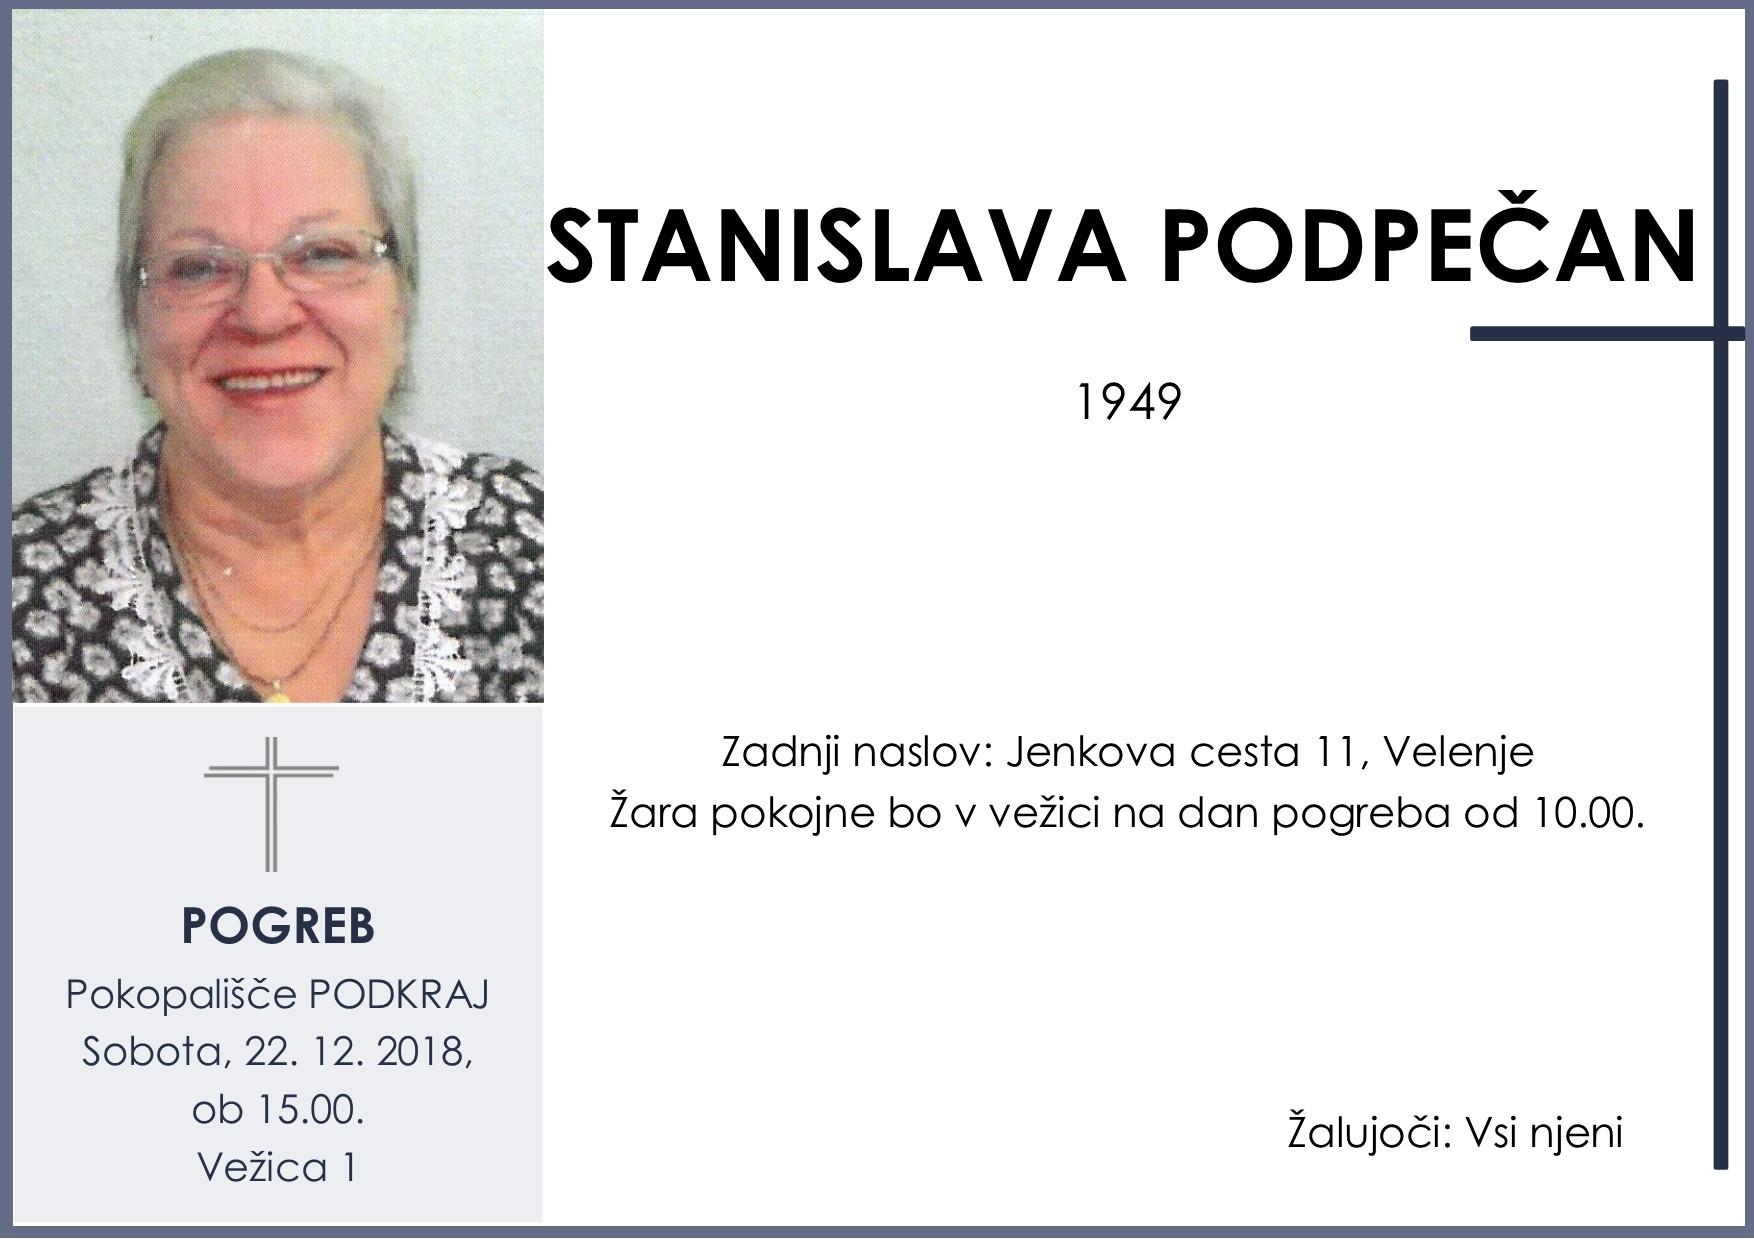 STANISLAVA PODPEČAN, Podkraj, 22. 12. 2018